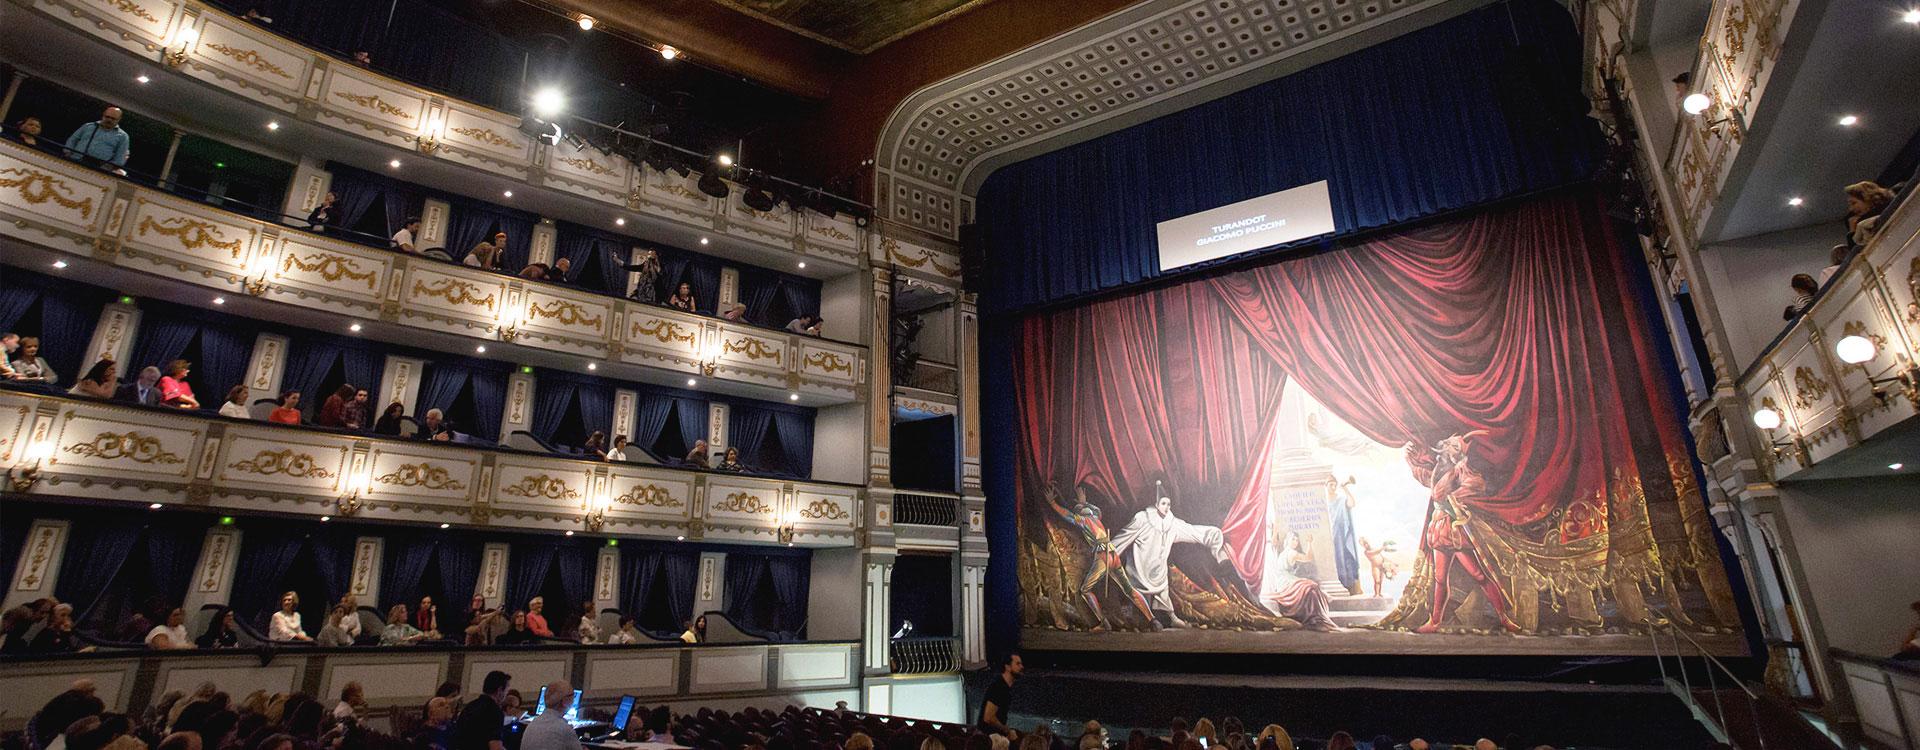 Teatro Cervantes y Echegaray - Slider